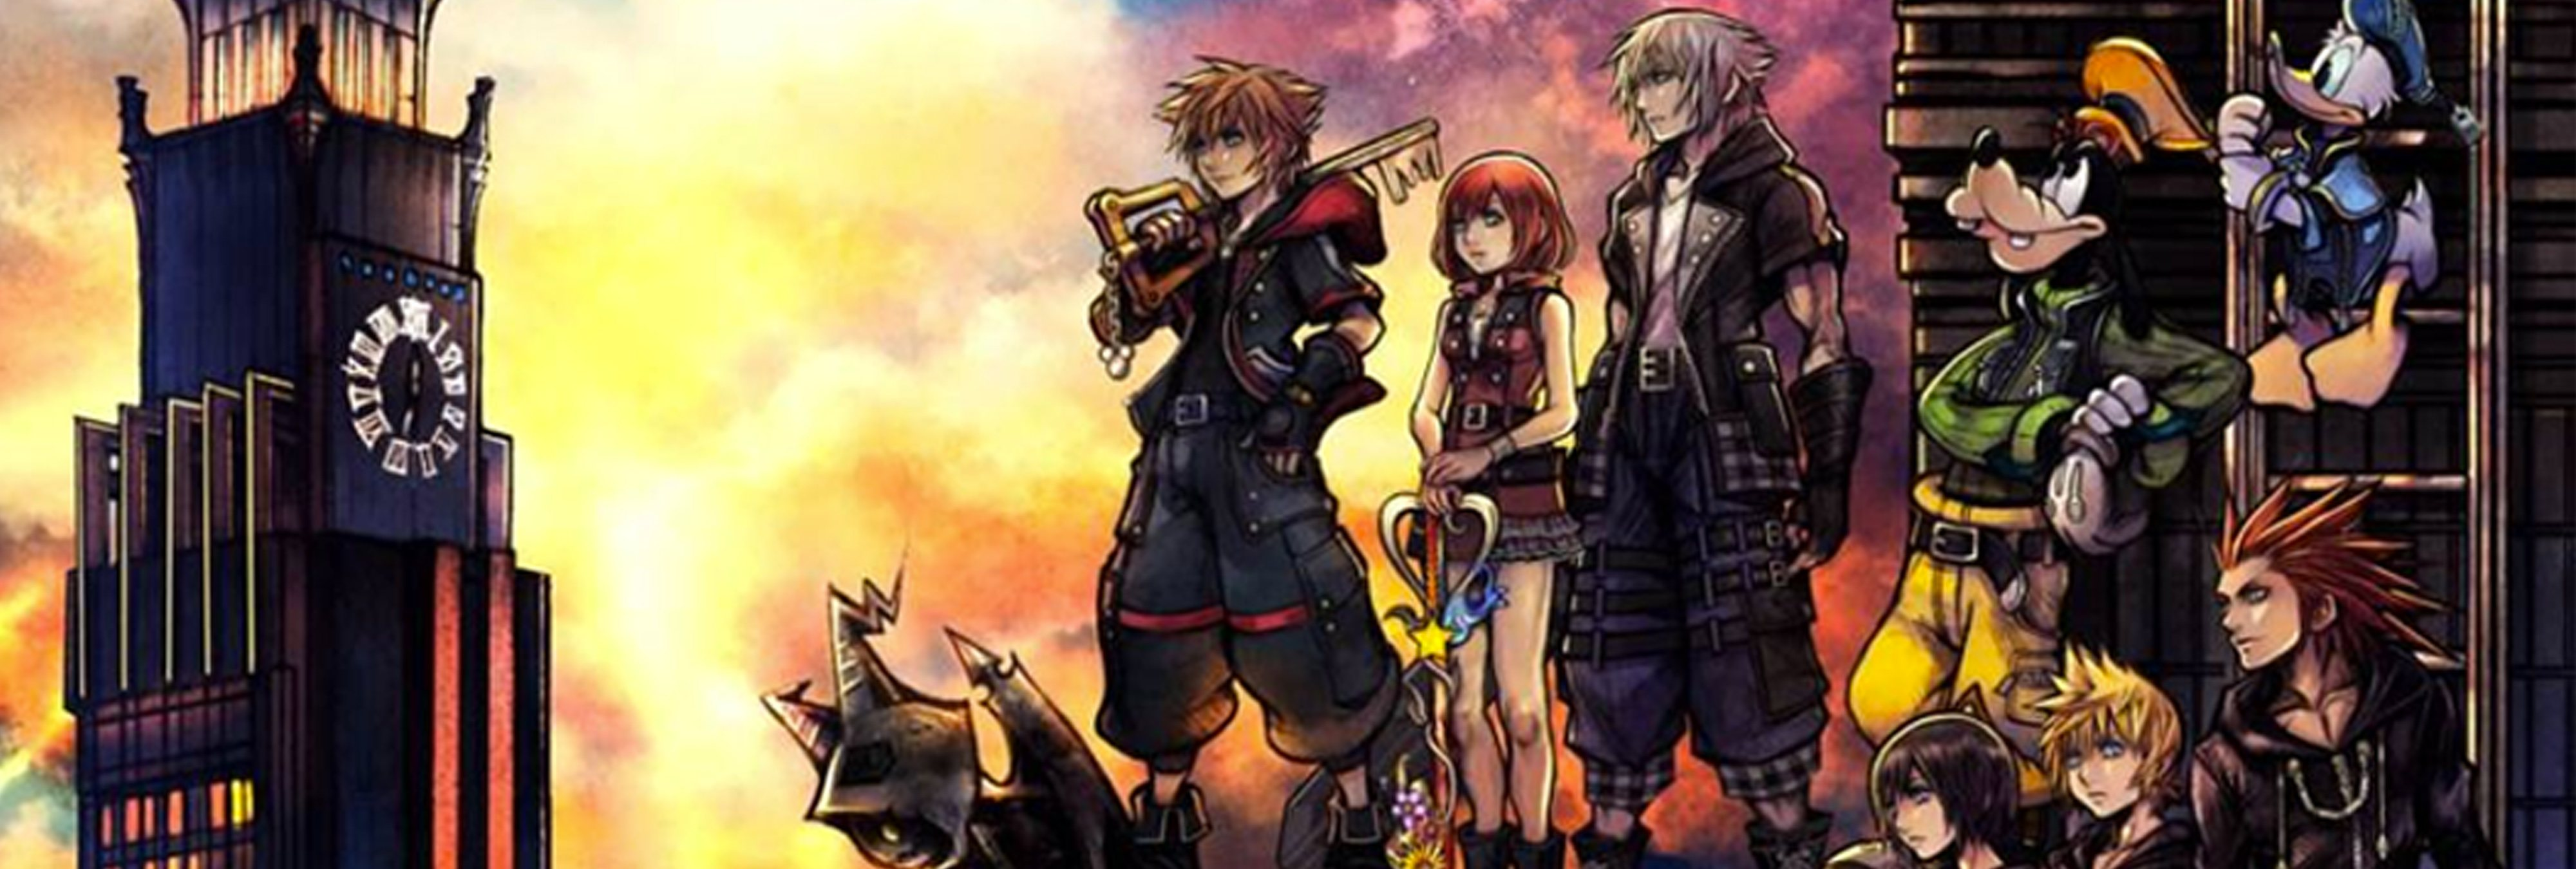 11 curiosidades y secretos de 'Kingdom Hearts III'